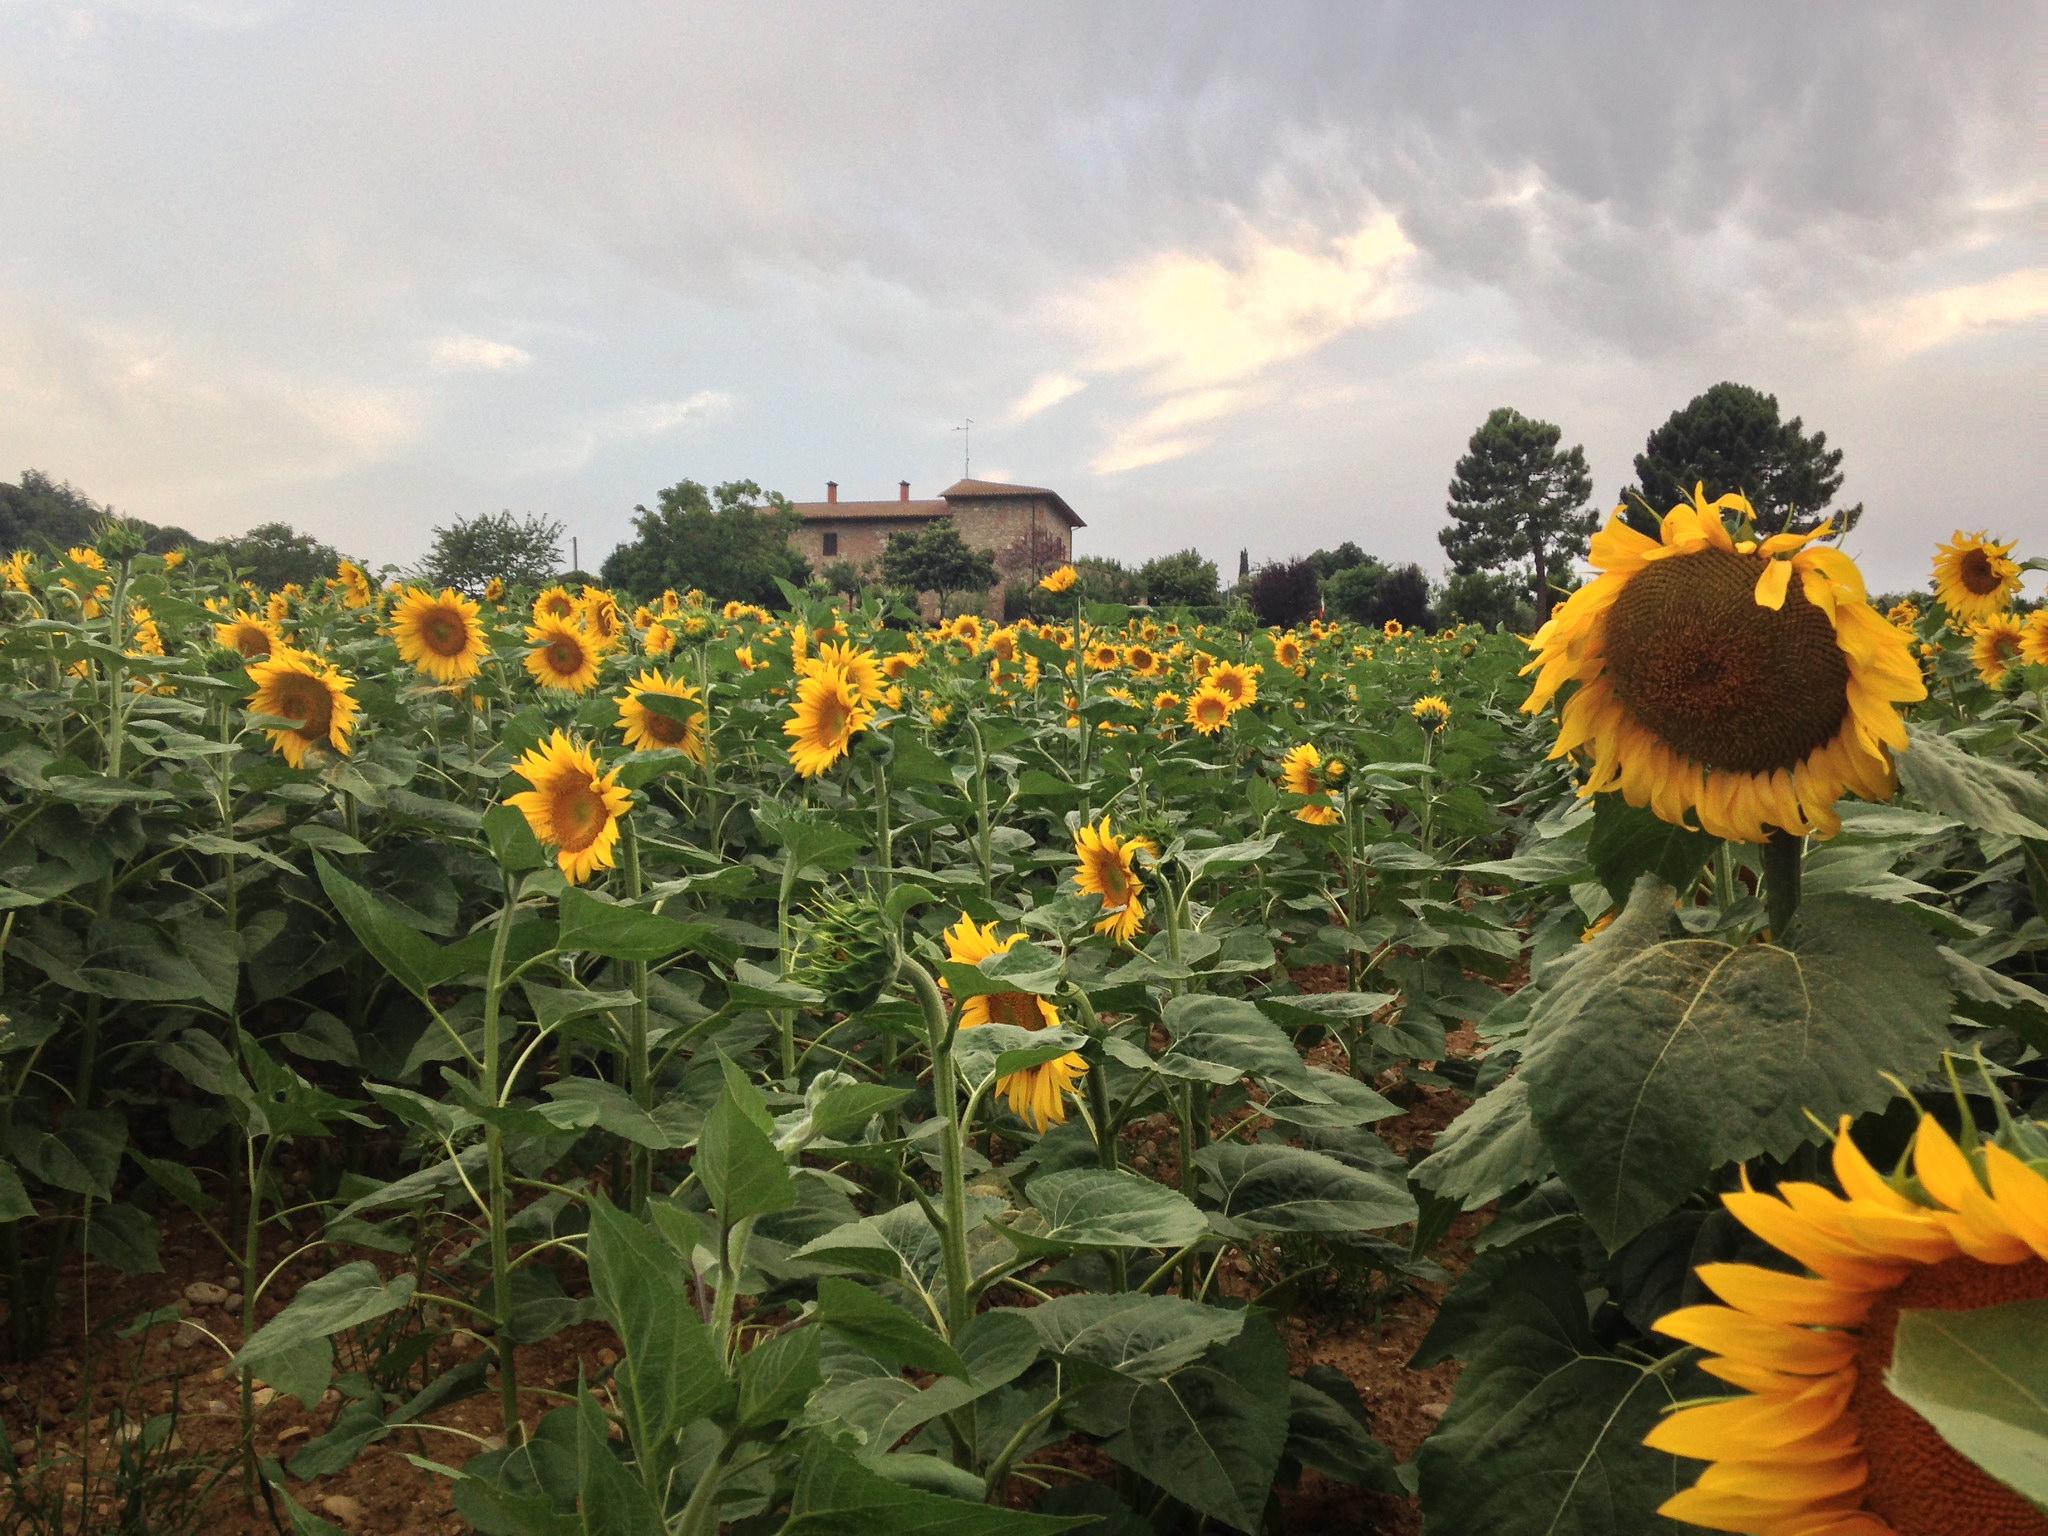 The famous sunflowers Siliano Alto EAT.PRAY.MOVE Yoga Retreats | Tuscany, Italy